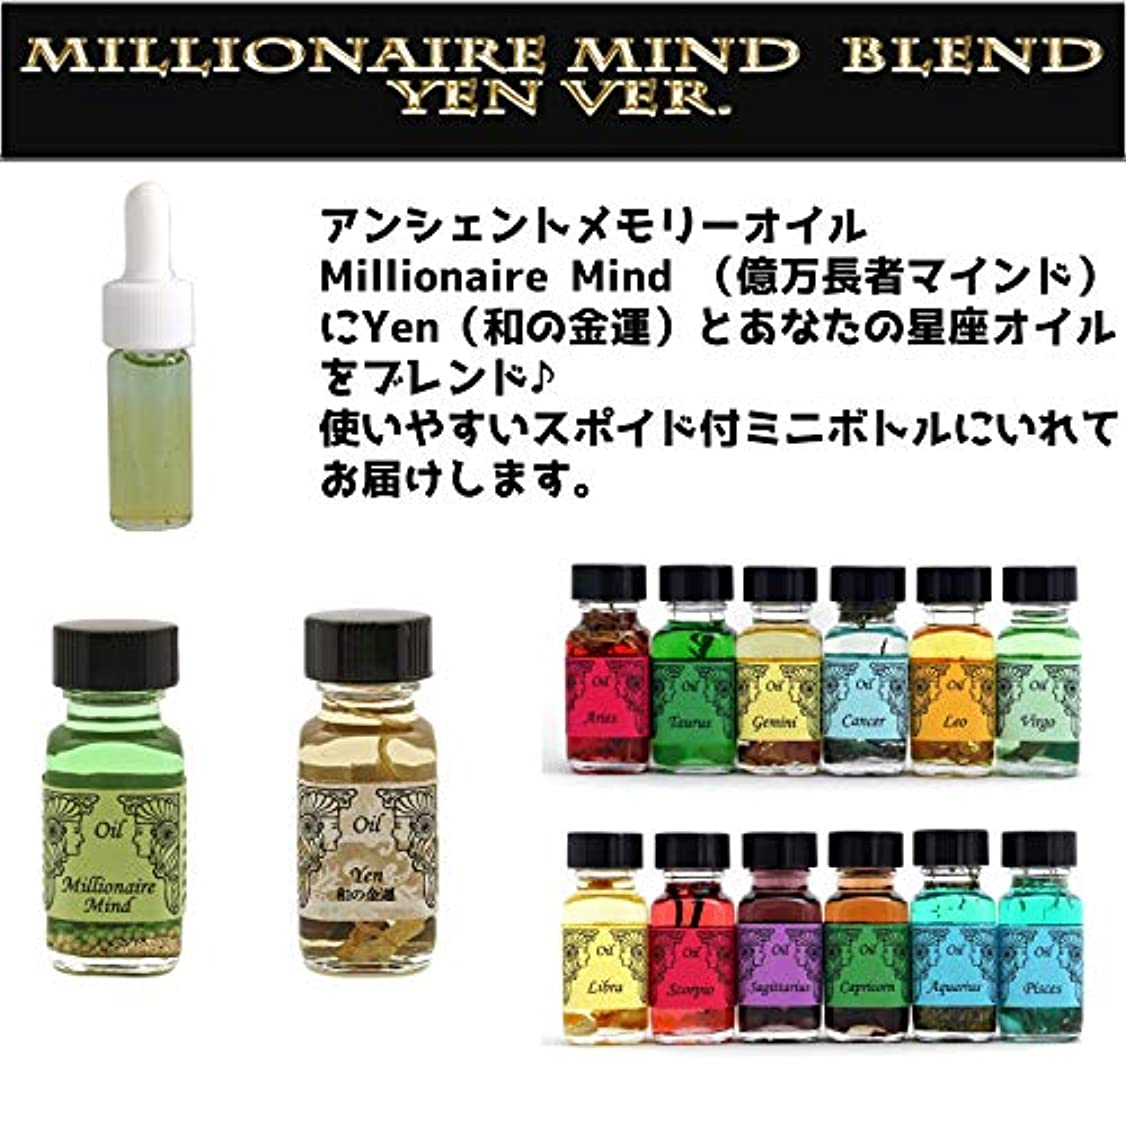 ばかげている揺れるケントアンシェントメモリーオイル Millionaire Mind 億万長者マインド ブレンド【Yen 和の金運&しし座】